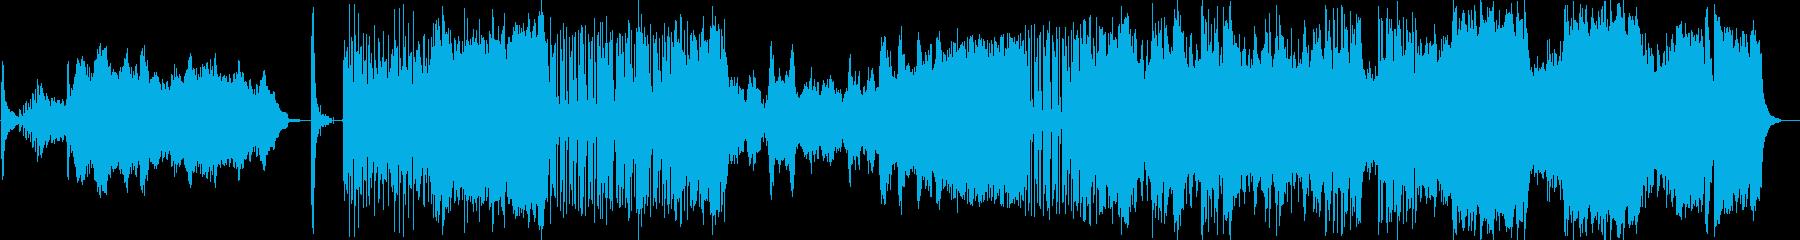 ドビュッシーのピアノ曲をオケアレンジの再生済みの波形